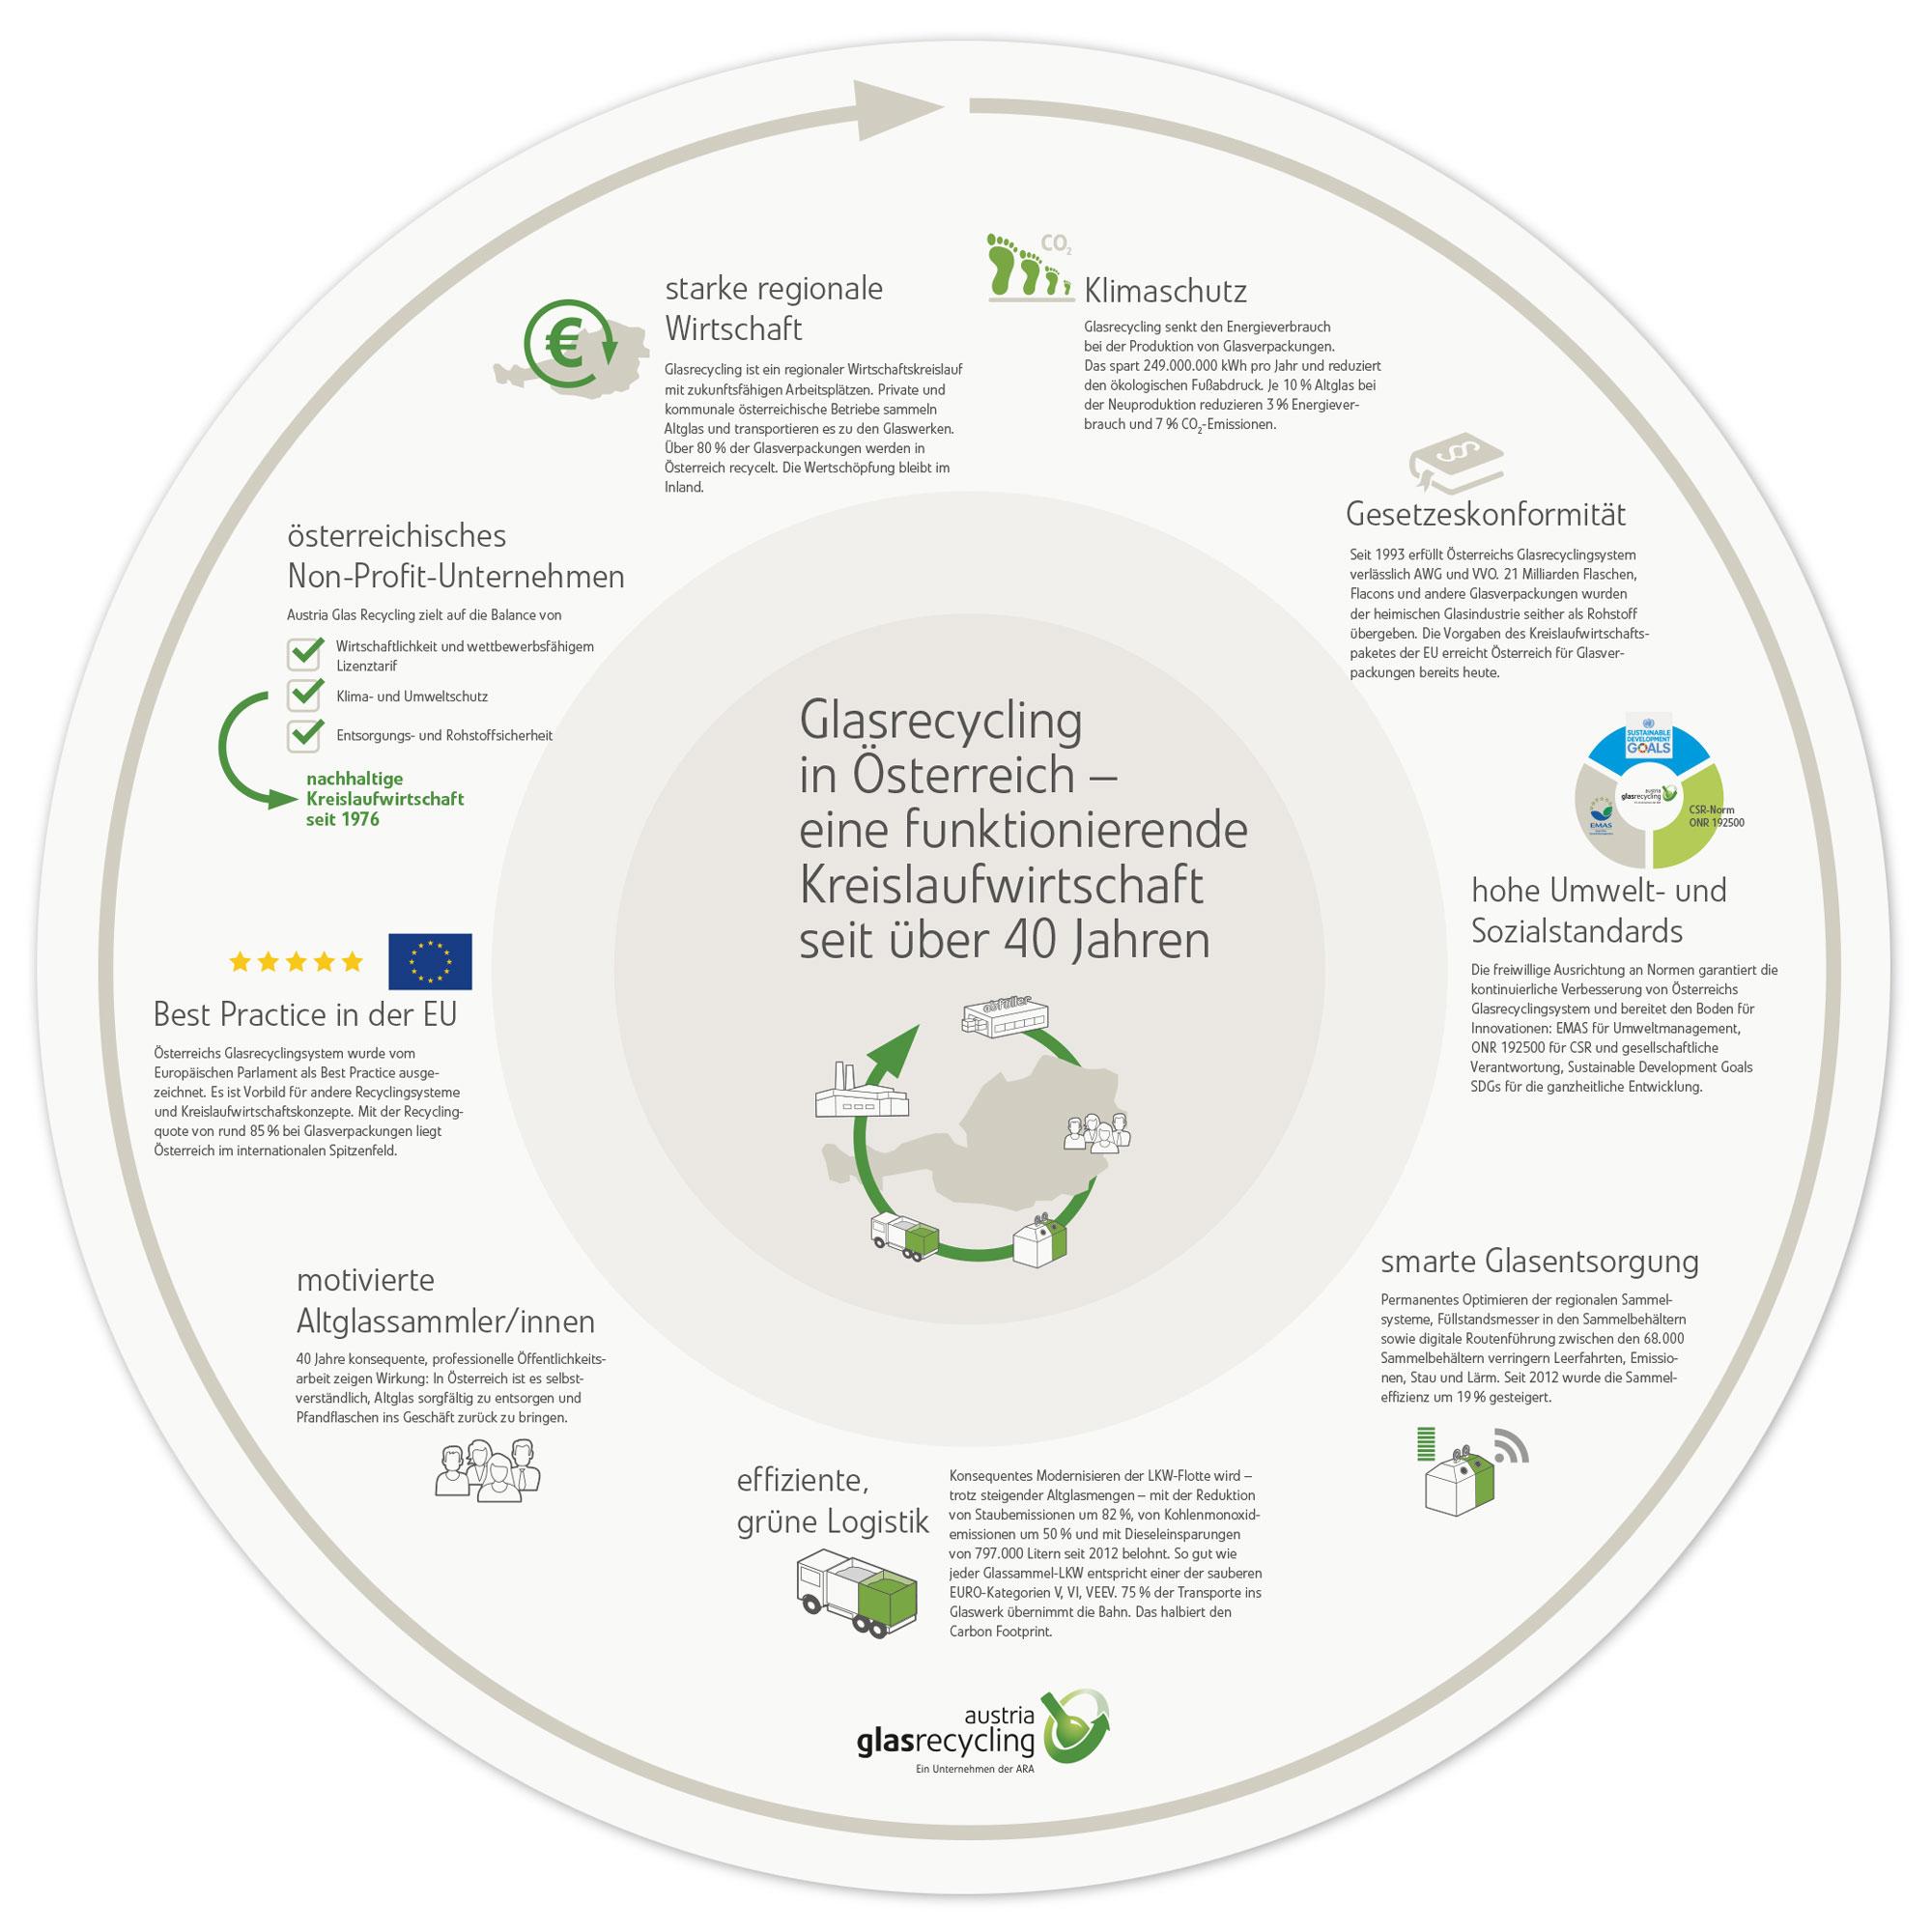 Glasrecycling in Österreich - eine erfolgreiche Kreislaufwirtschaft seit über 40 Jahren